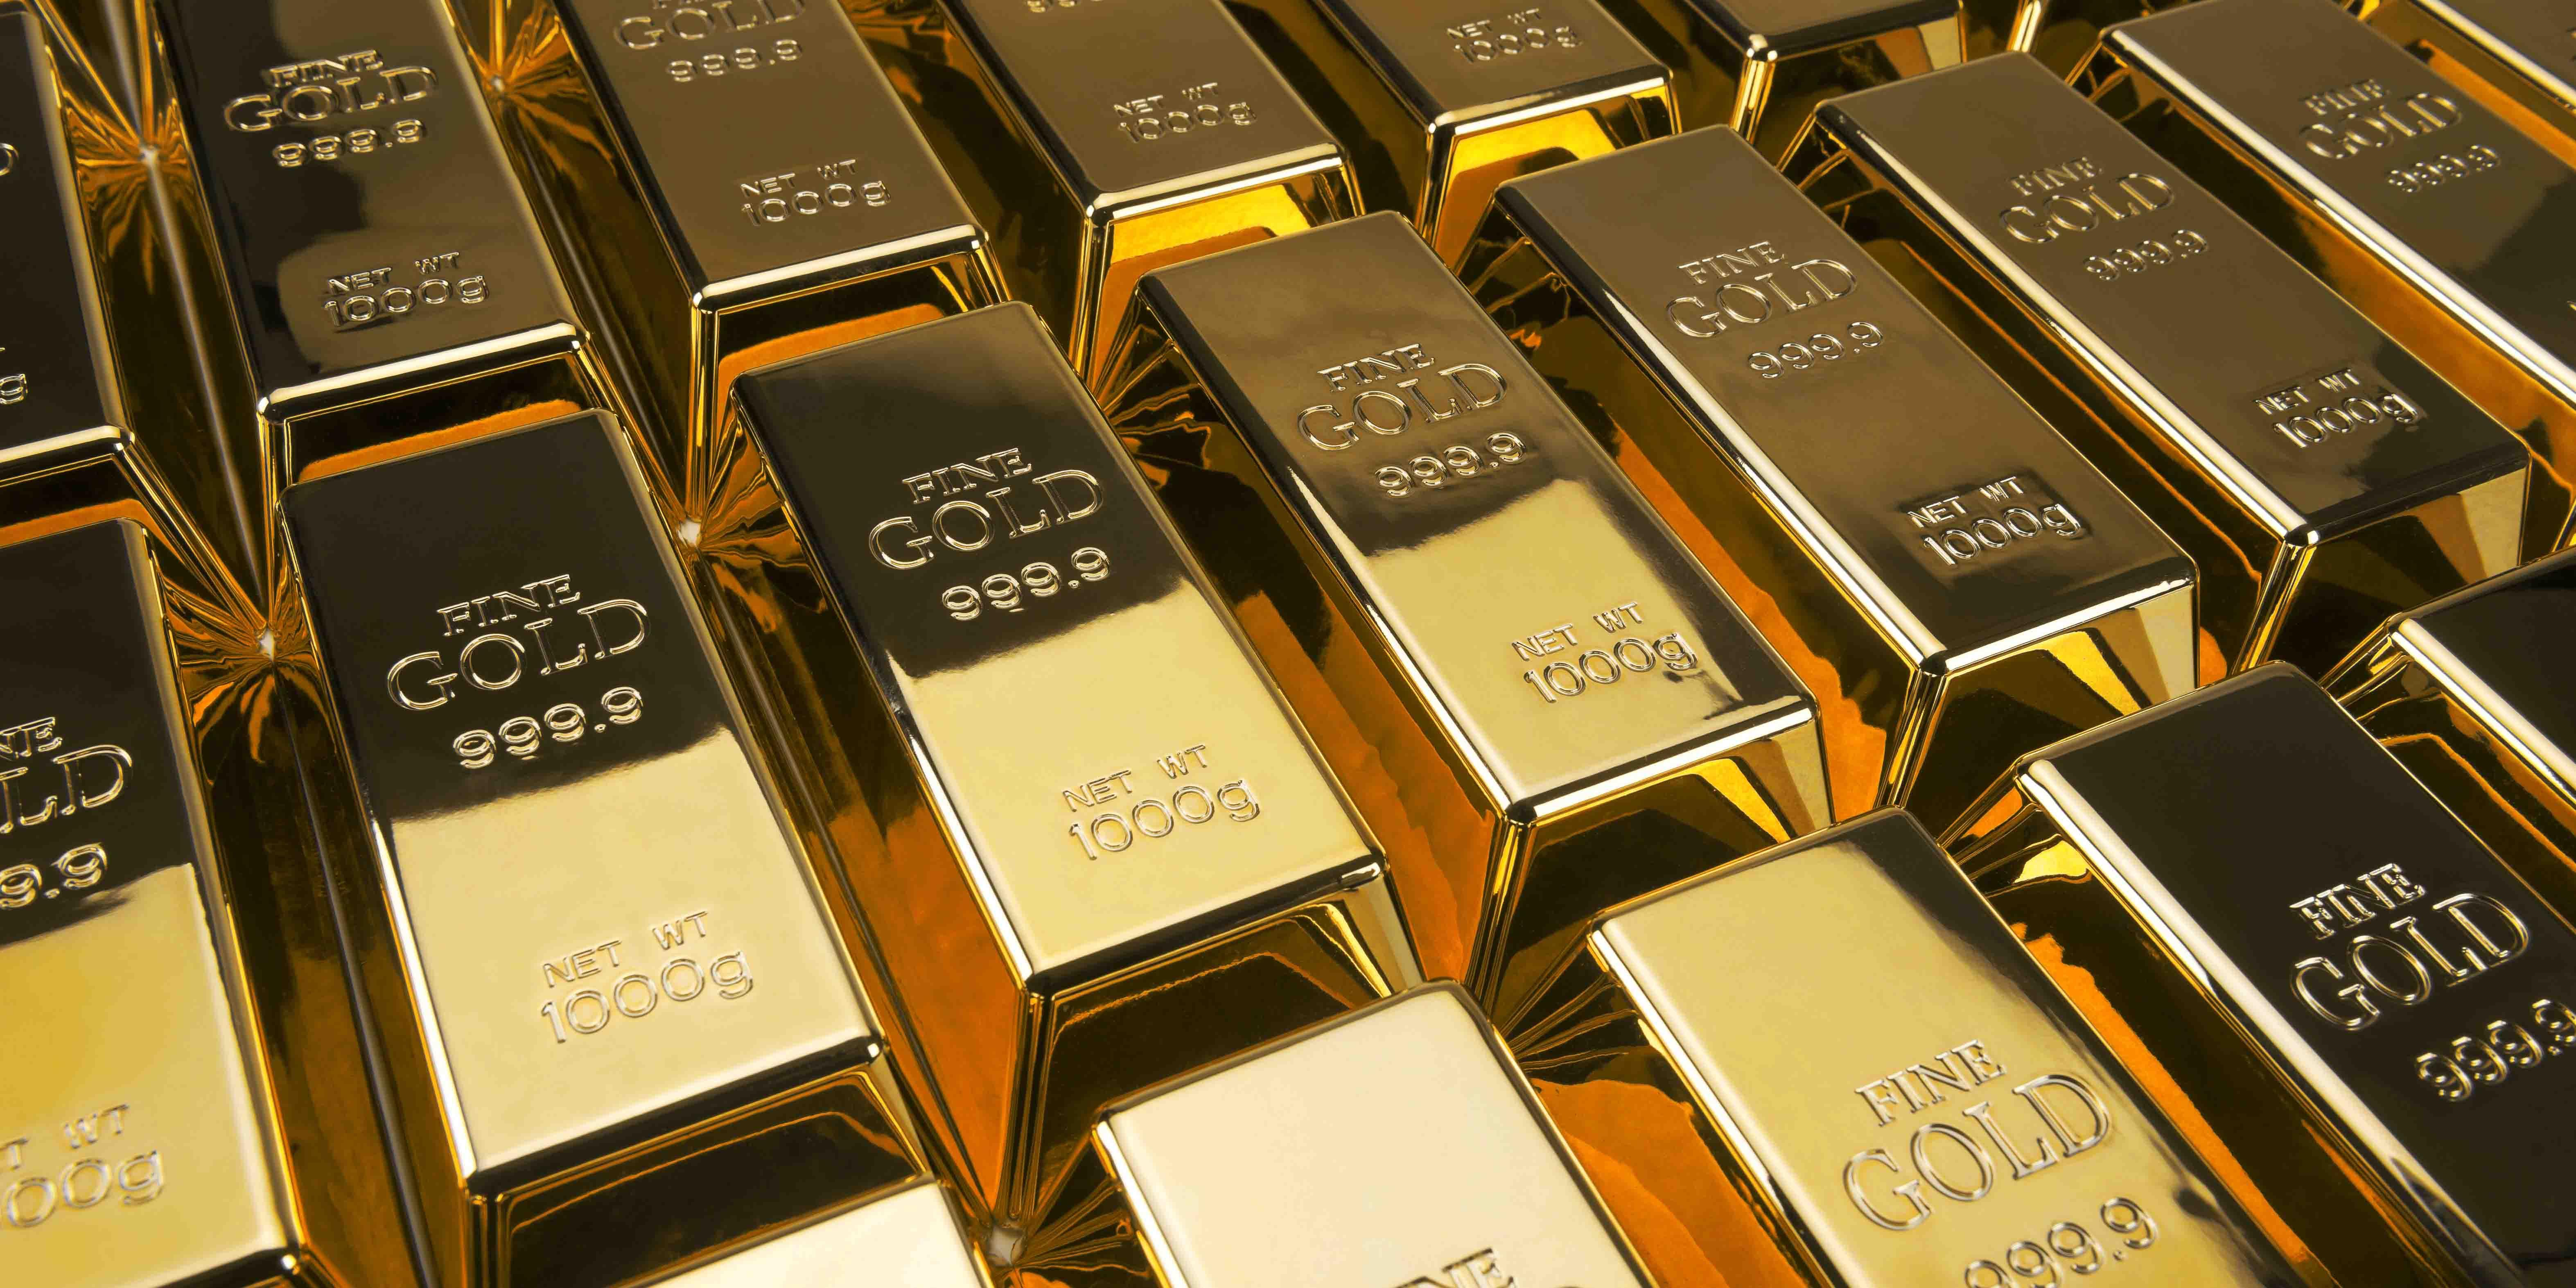 الذهب يستفيد من الظروف ويرتفع